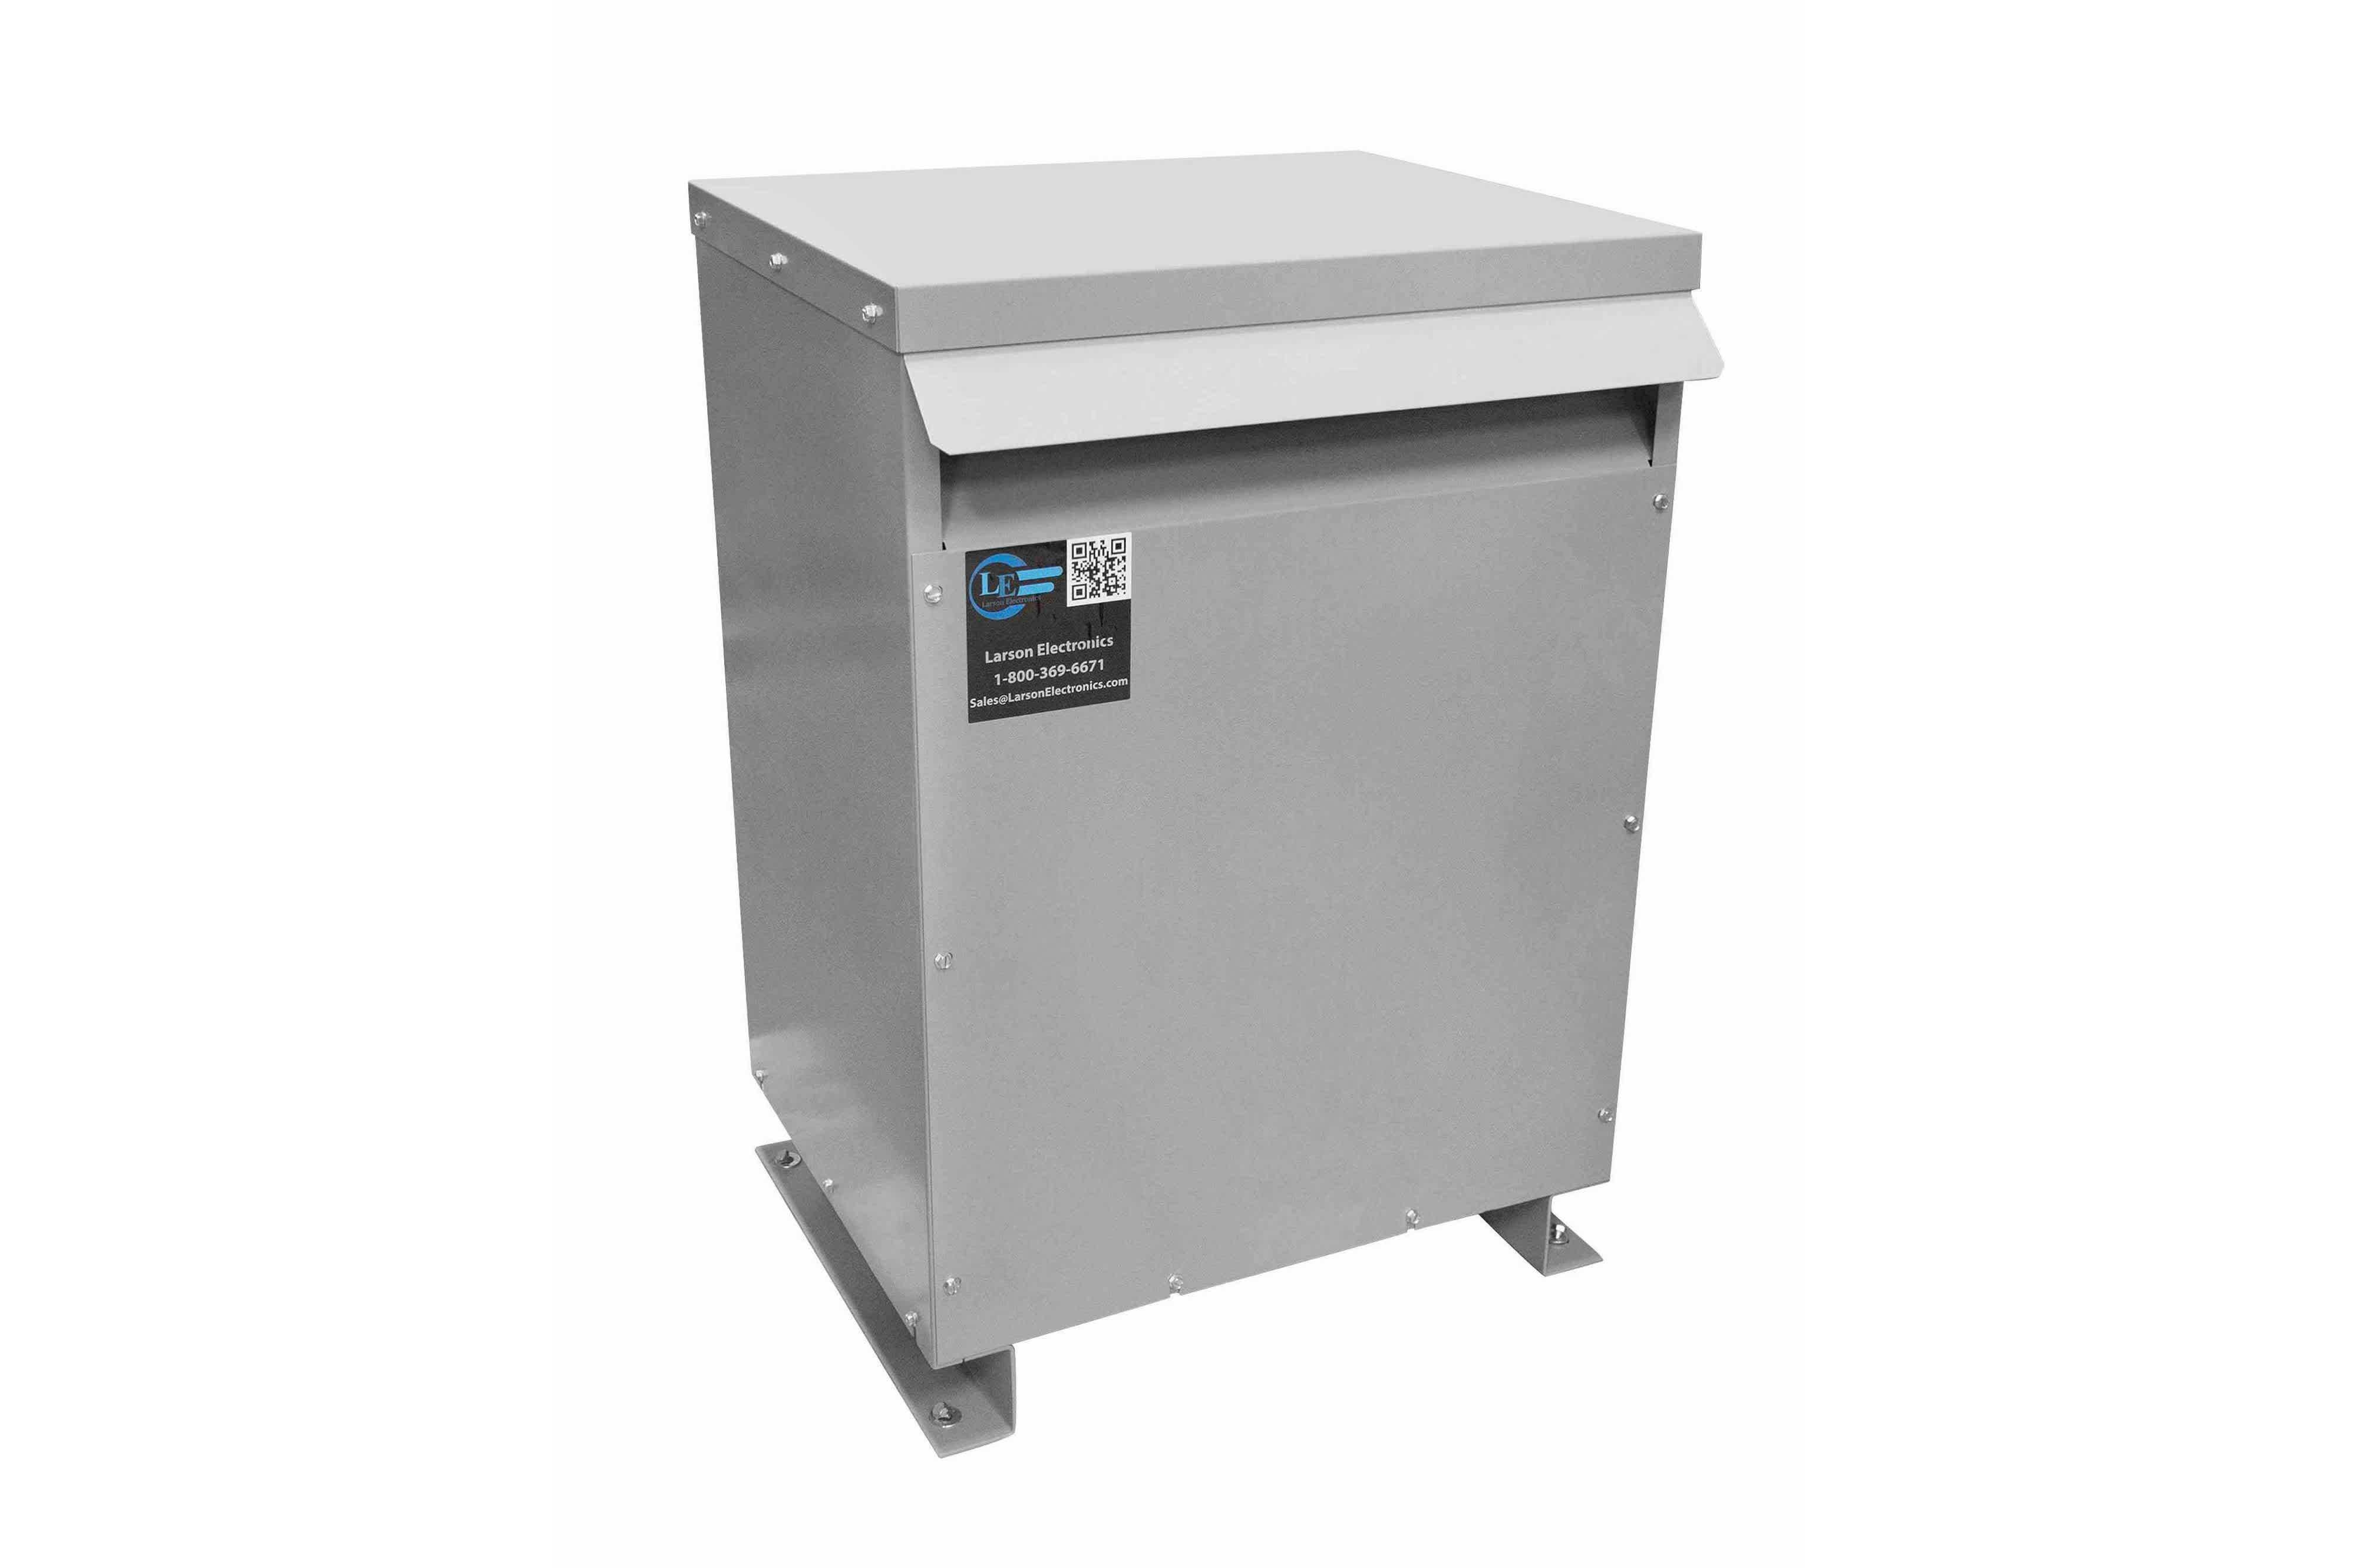 25 kVA 3PH Isolation Transformer, 240V Delta Primary, 208V Delta Secondary, N3R, Ventilated, 60 Hz